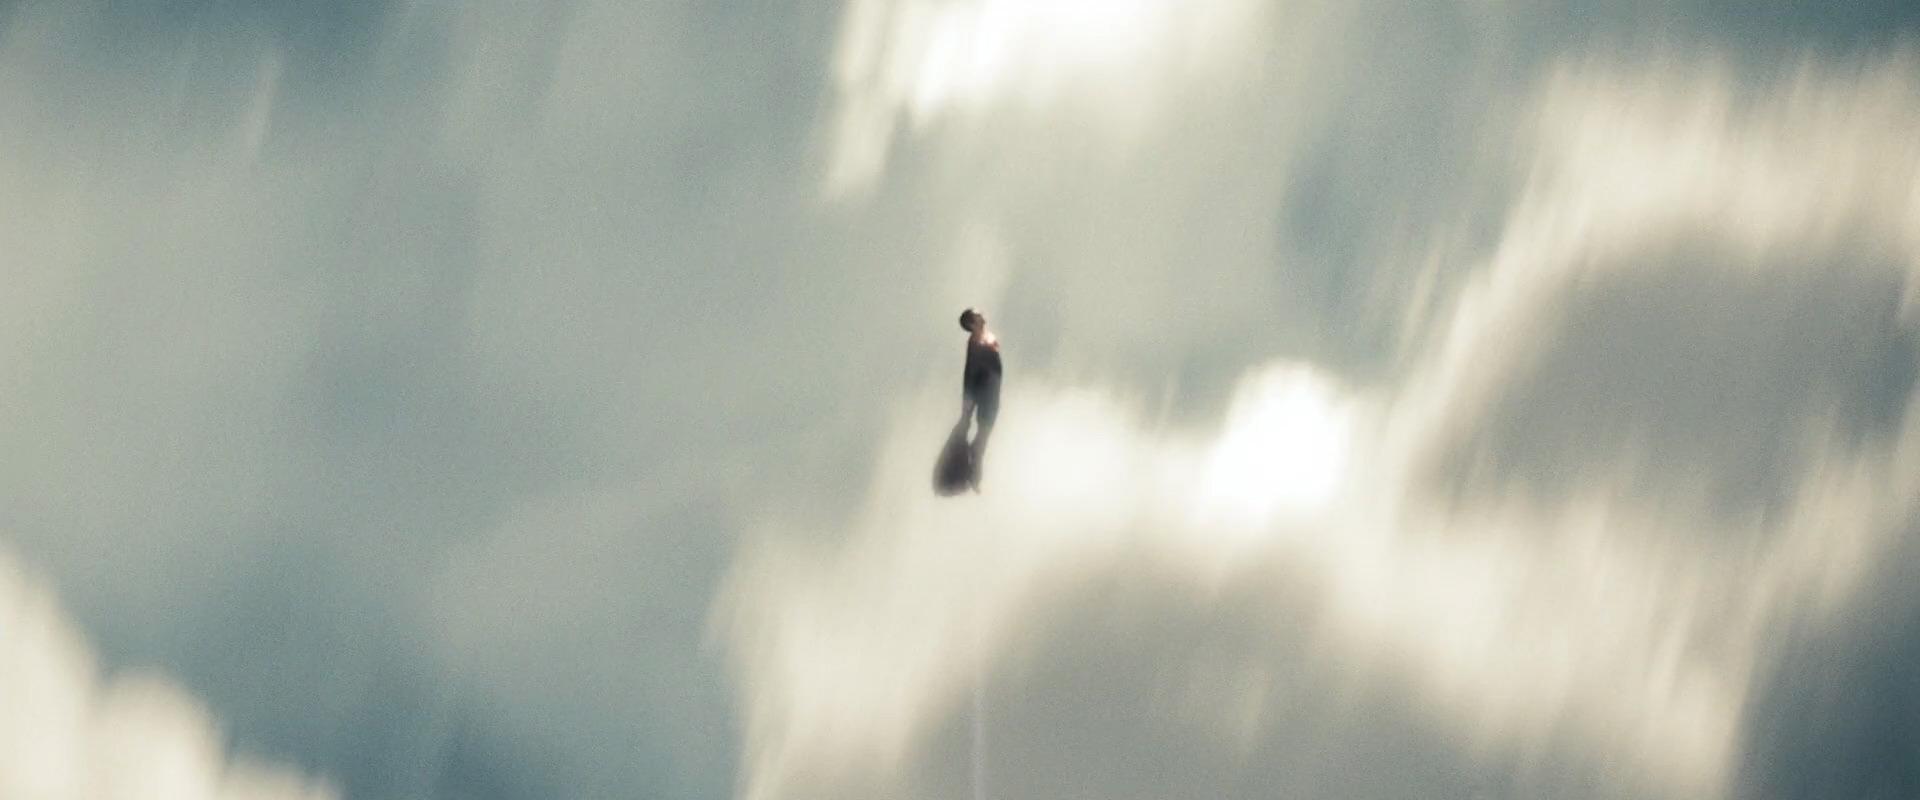 человек из стали местами полёт супермена очень изящен